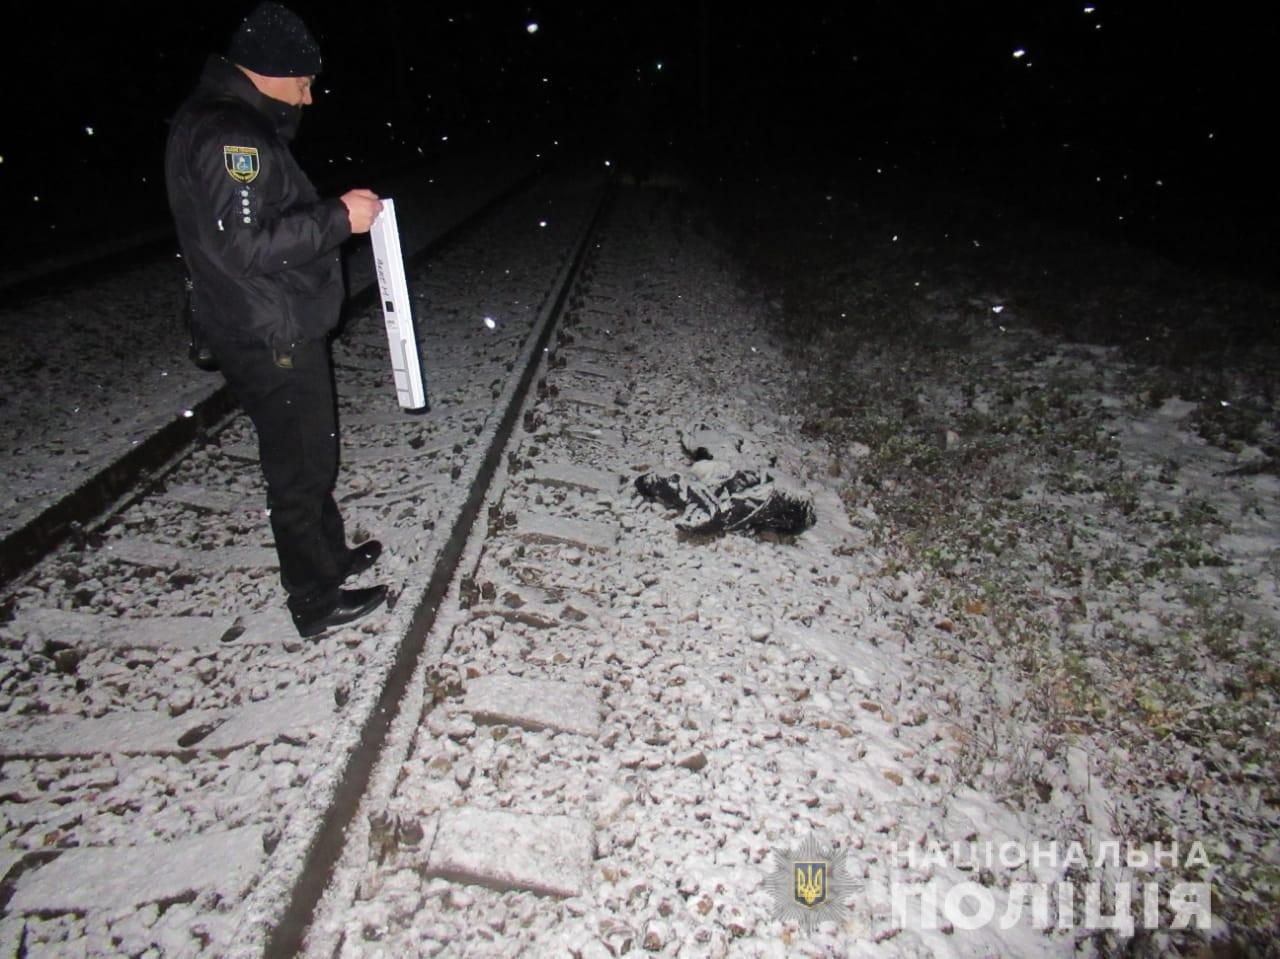 Поліція Сумщини розслідує обставини загибелі людини на залізничній колії та з'ясовує особу загиблого, фото-2